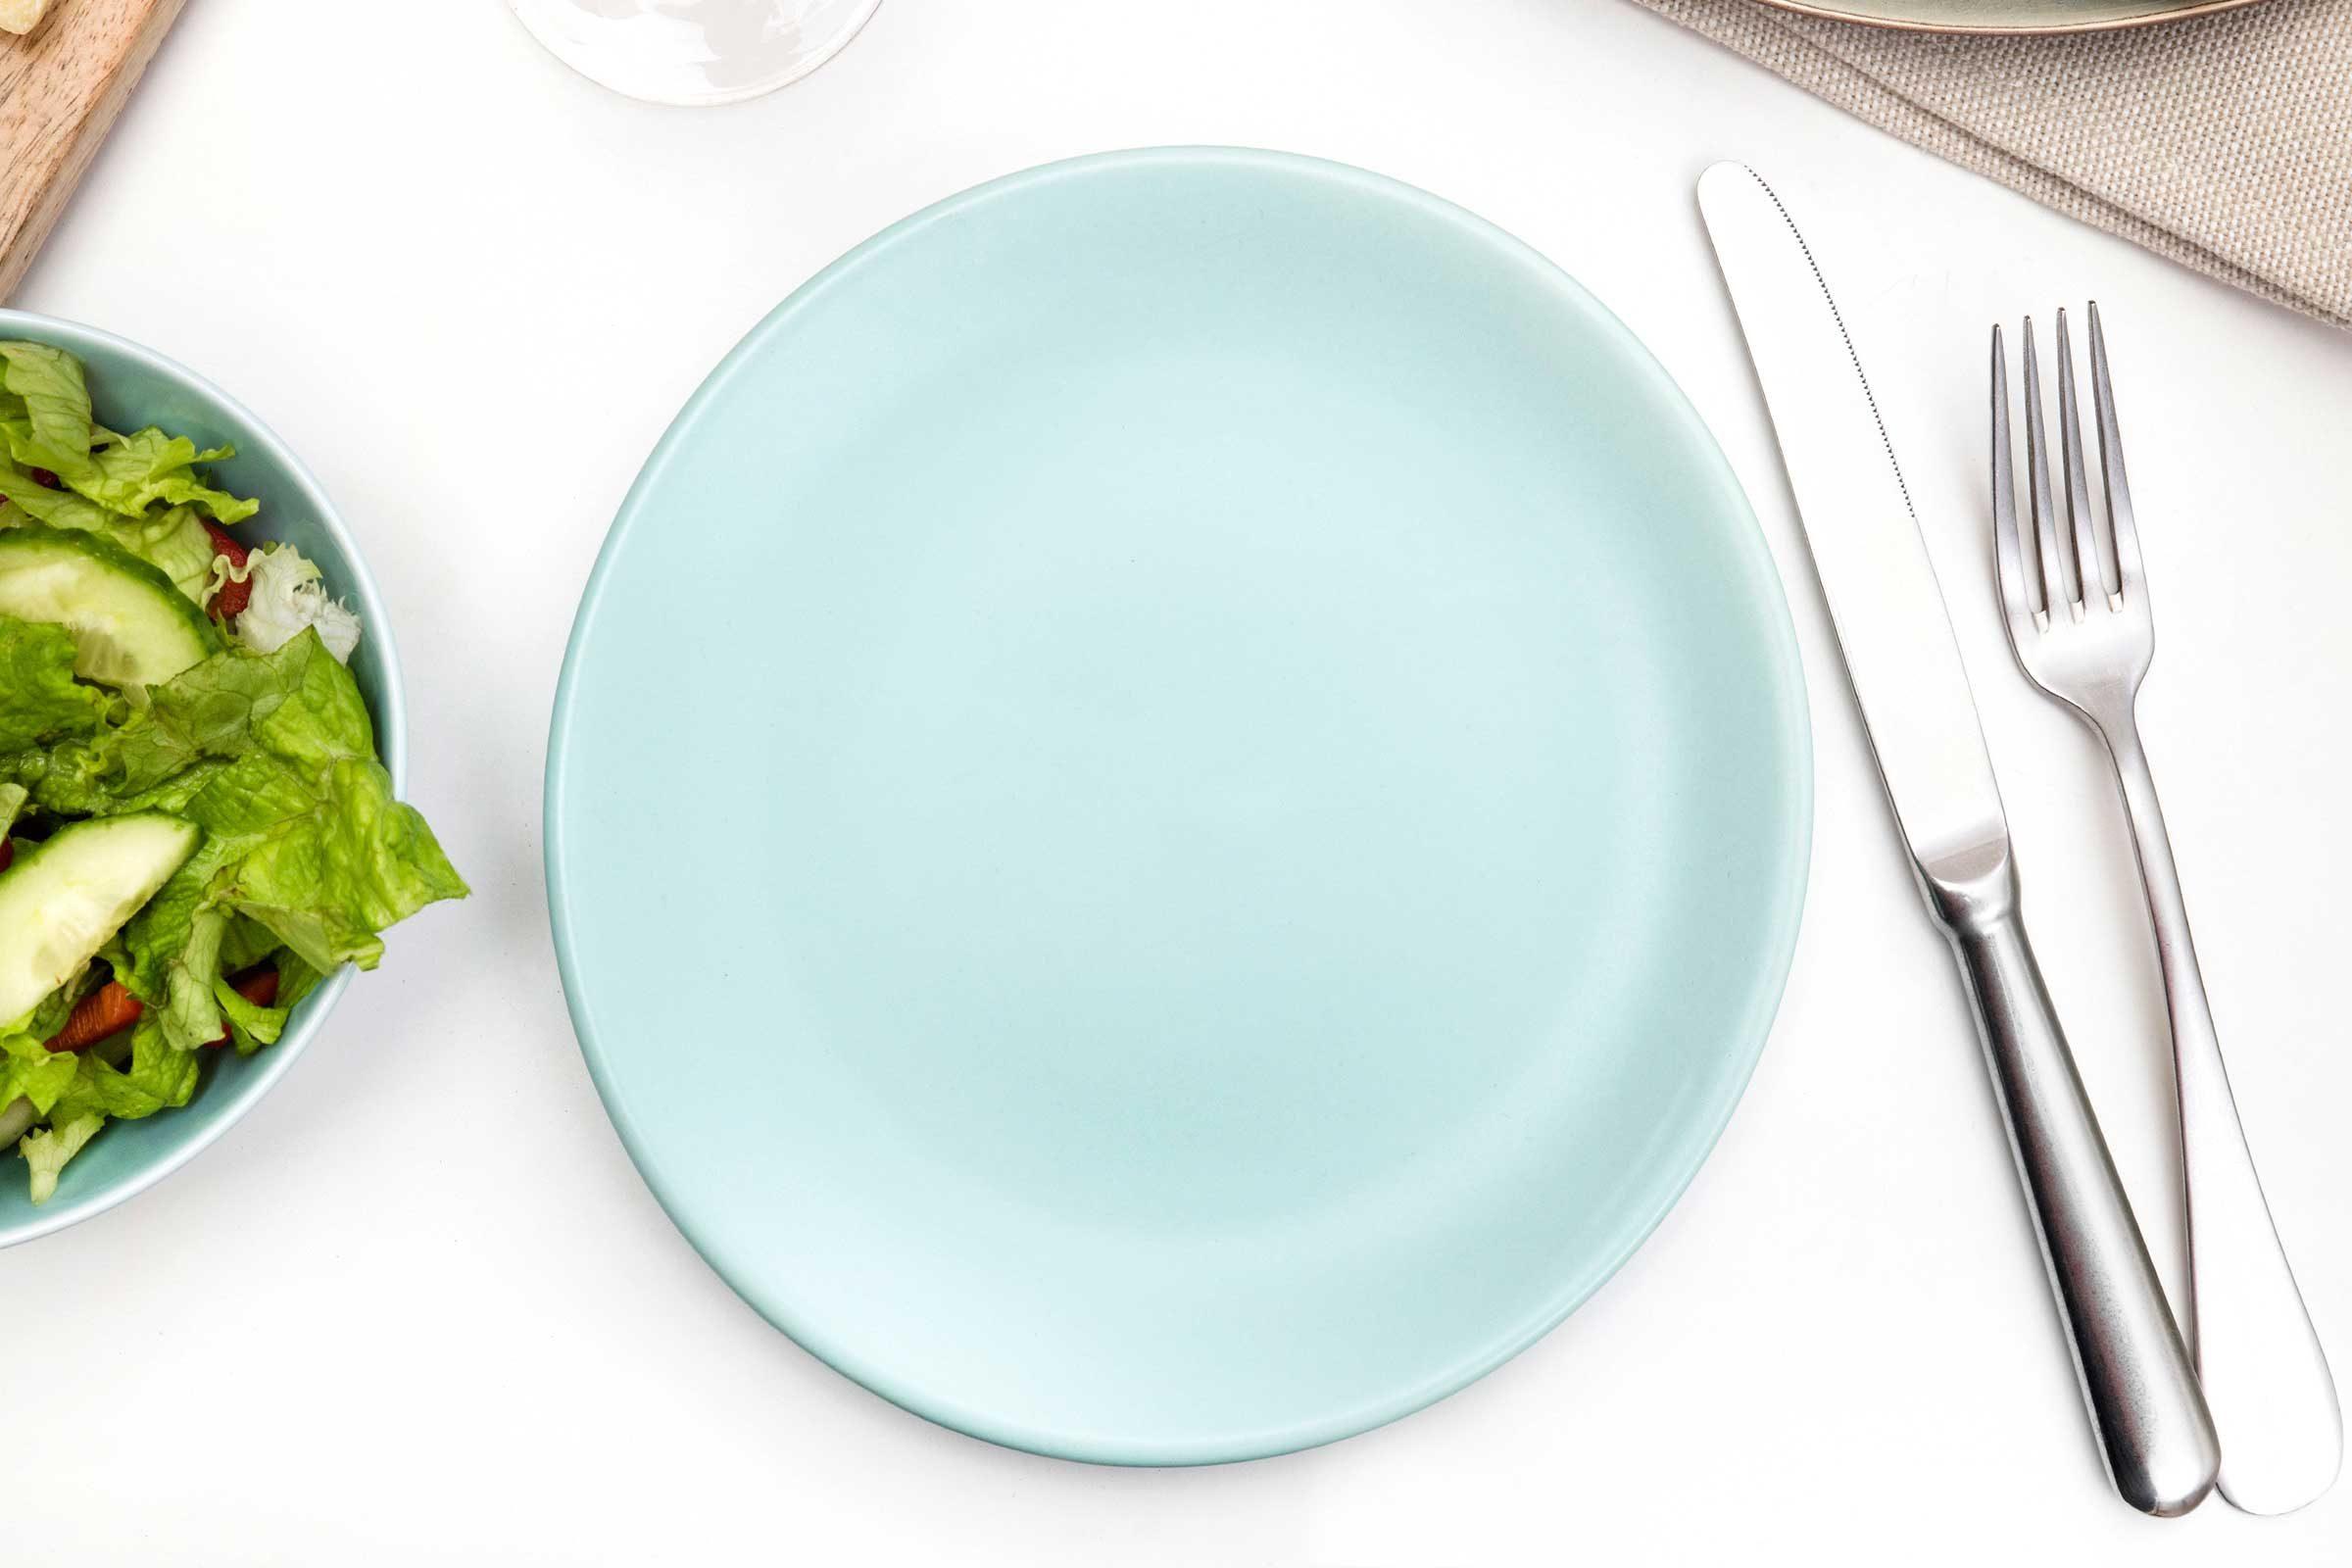 Mangez dans de plus petites assiettes pour maigrir et perdre du poids.